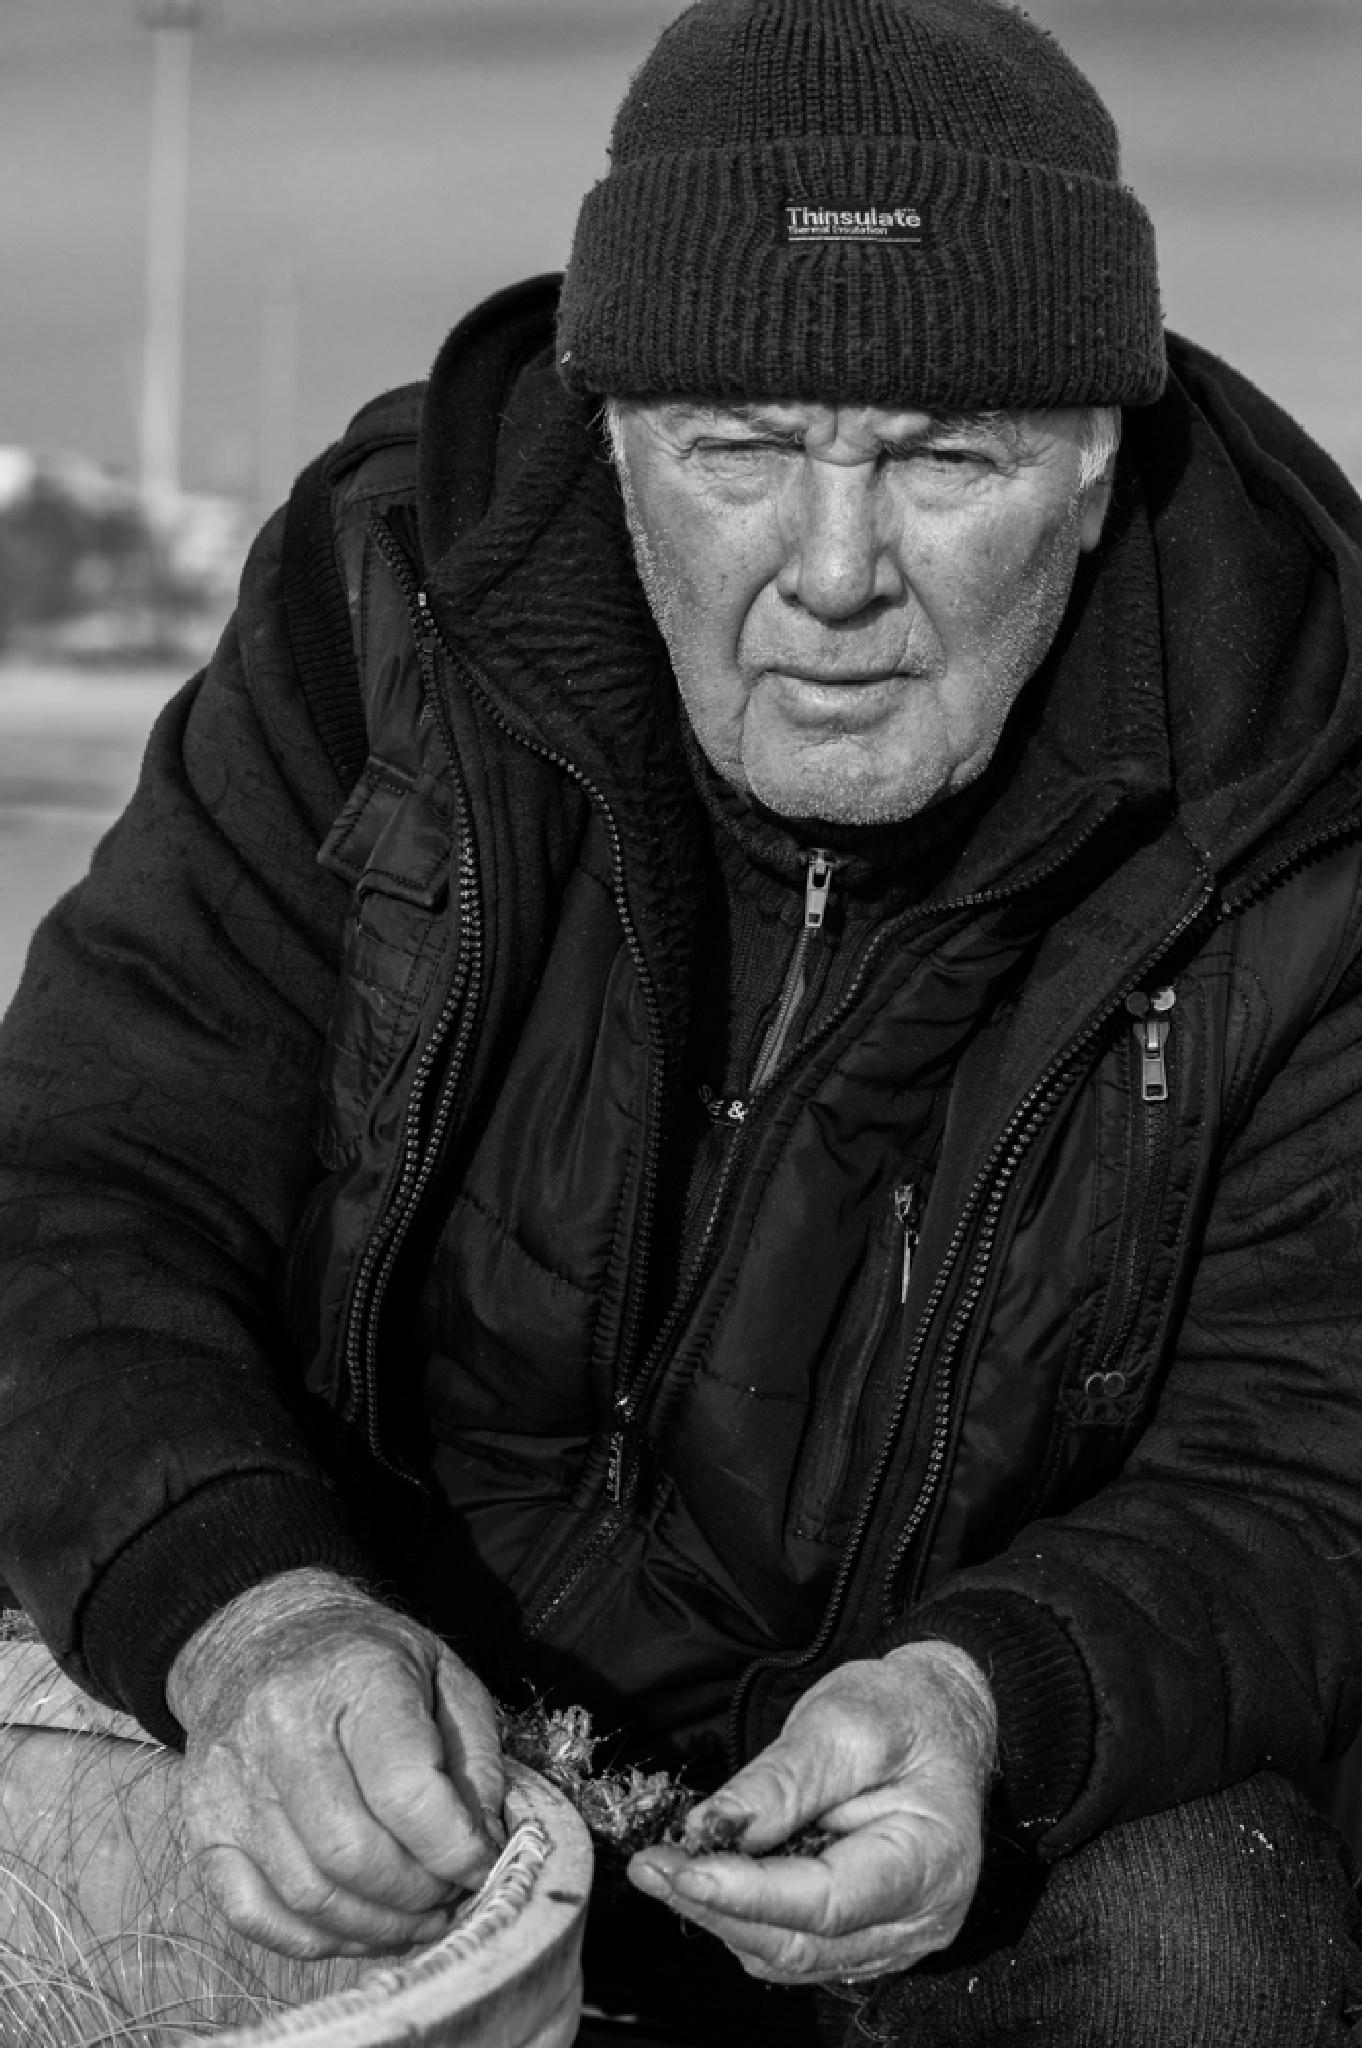 Fisherman by Chris Maltezos